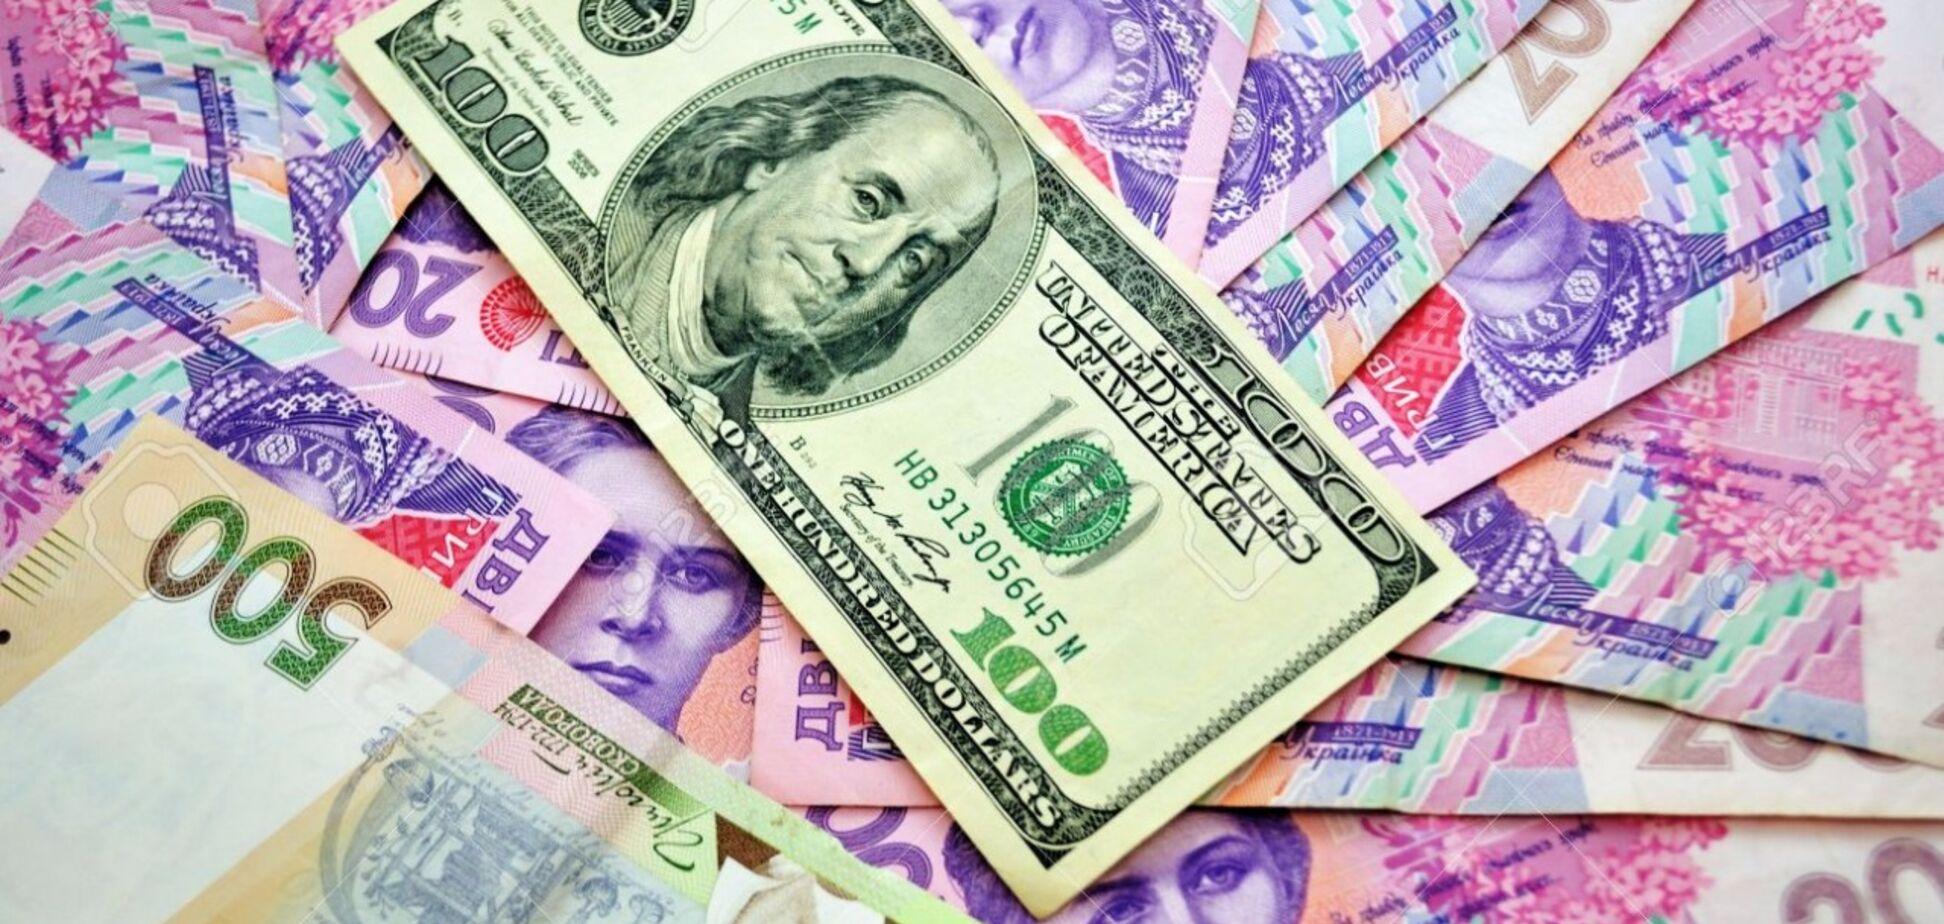 Что ждет курс доллара в Украине в 2018 году: прогноз экономиста